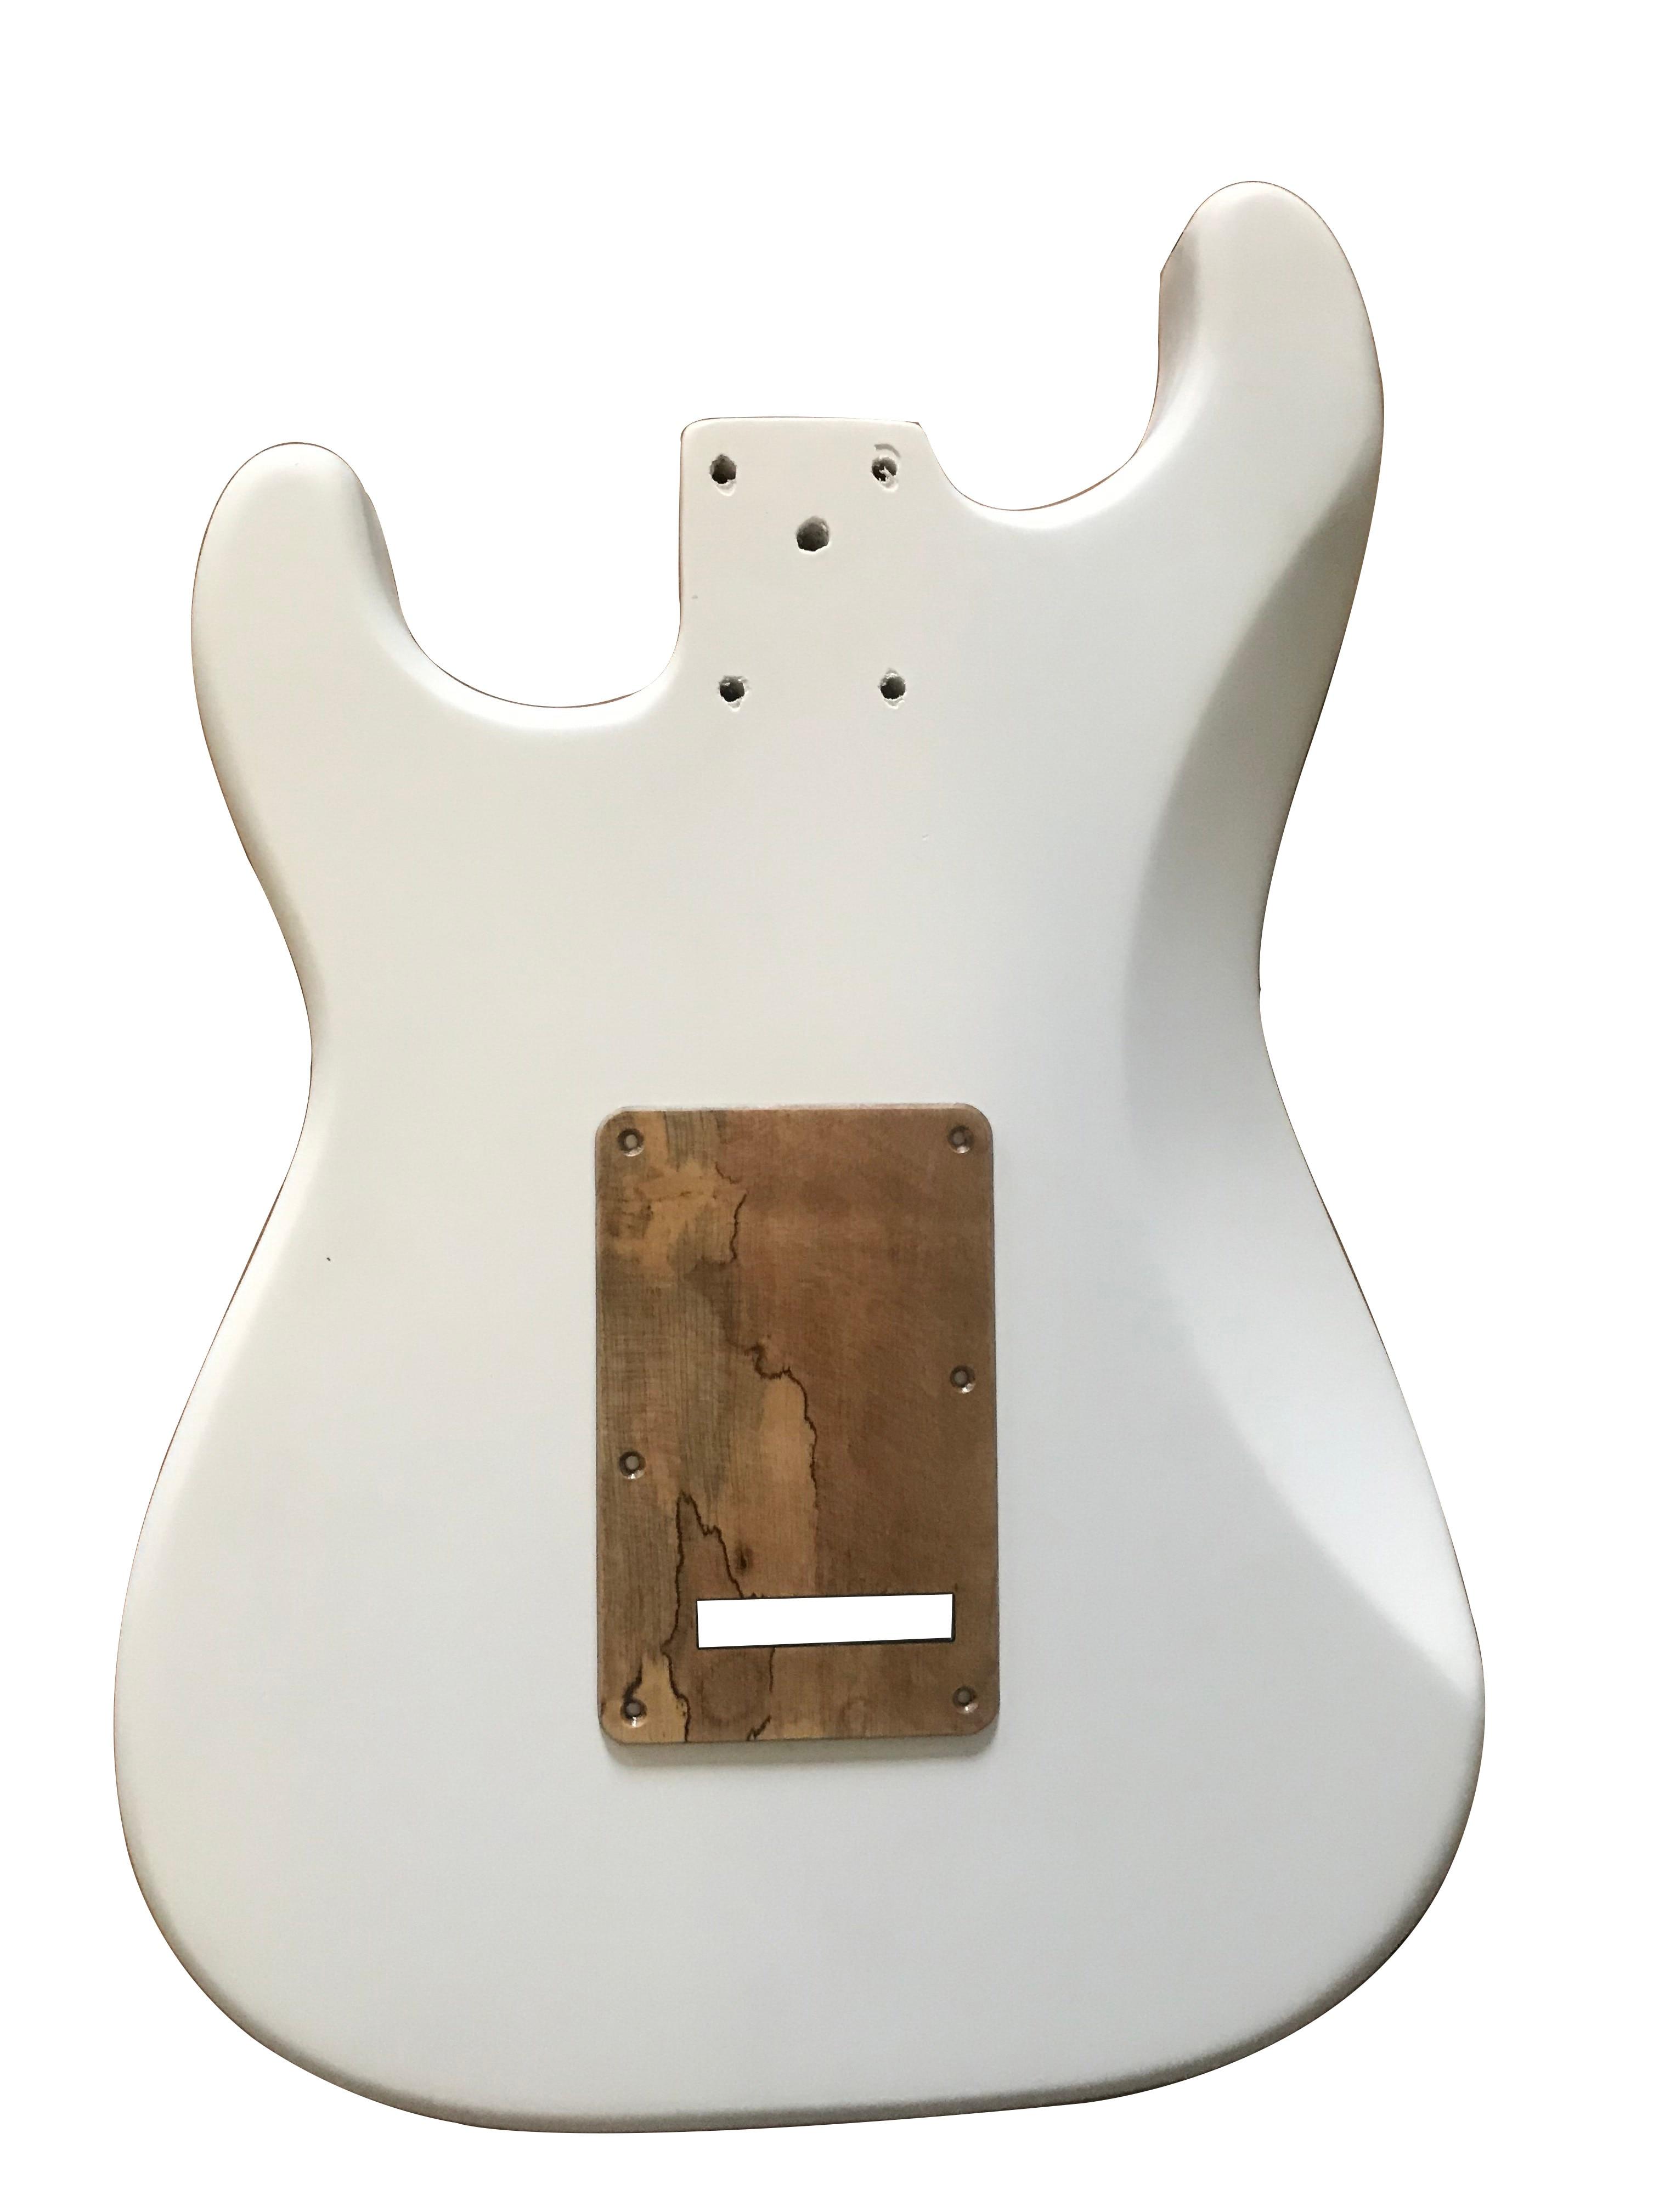 A set of Strat Electric Guitar Panel Alder Guitar Body&Pickguard&Backpalte Manual DIY White Guitar Barrel enlarge